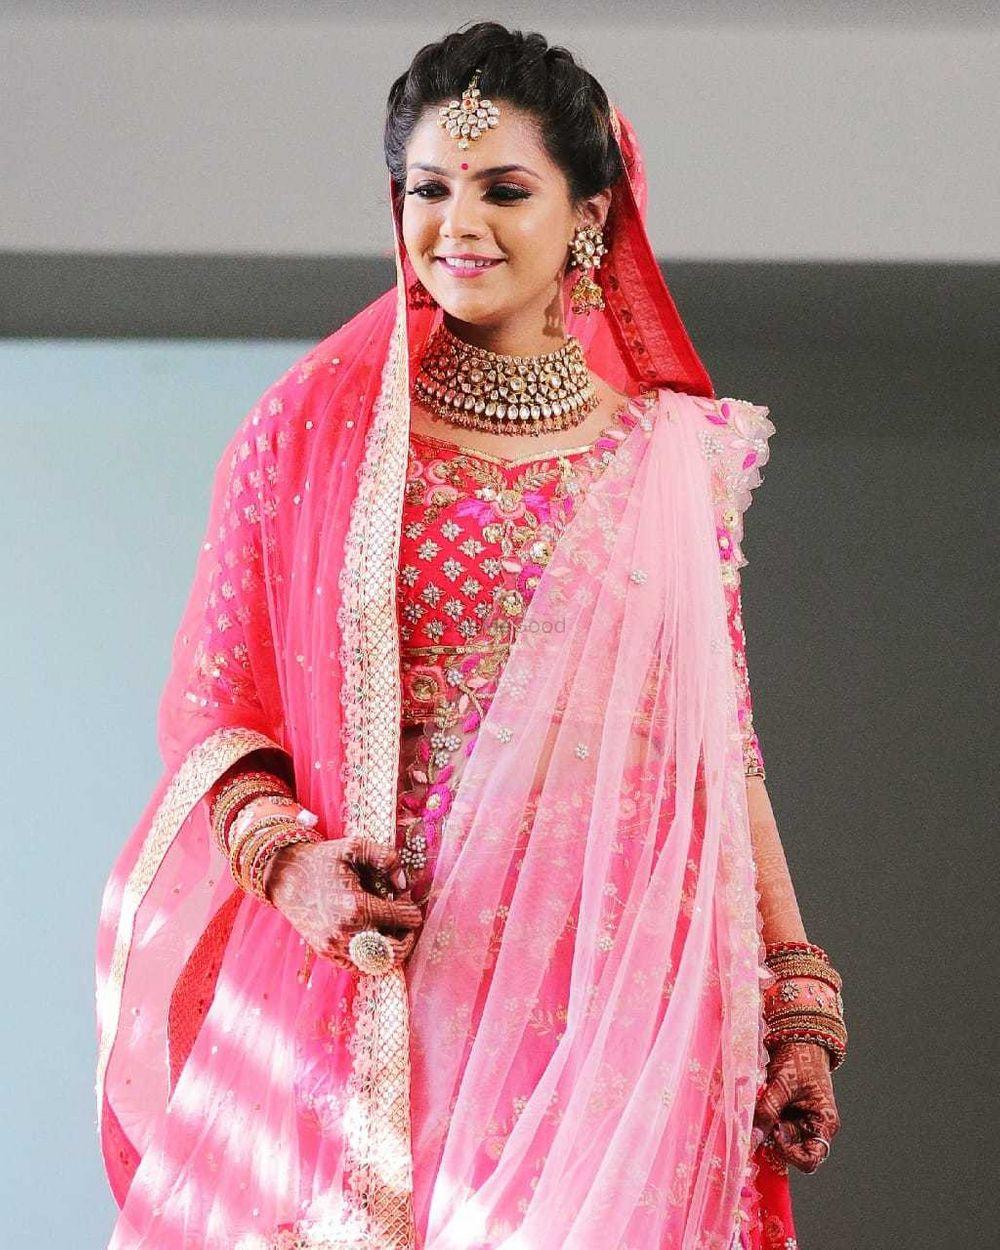 Photo From Niyati Shah Brides - By Expressions by Niyati Shah